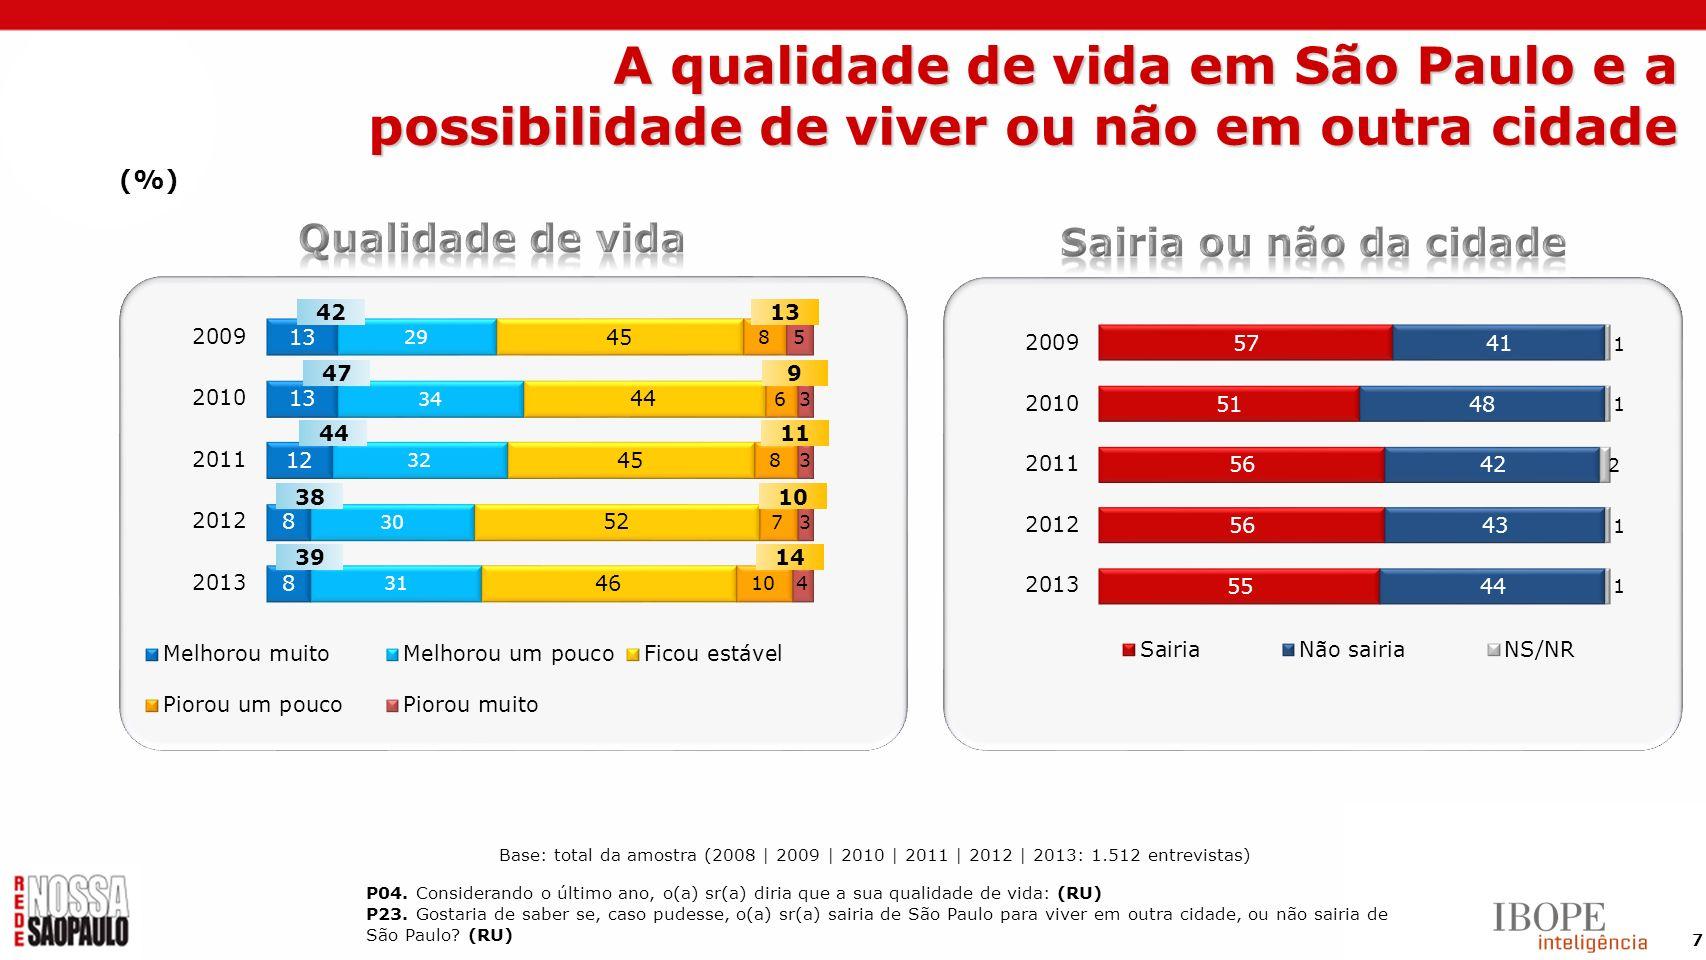 A qualidade de vida em São Paulo e a possibilidade de viver ou não em outra cidade